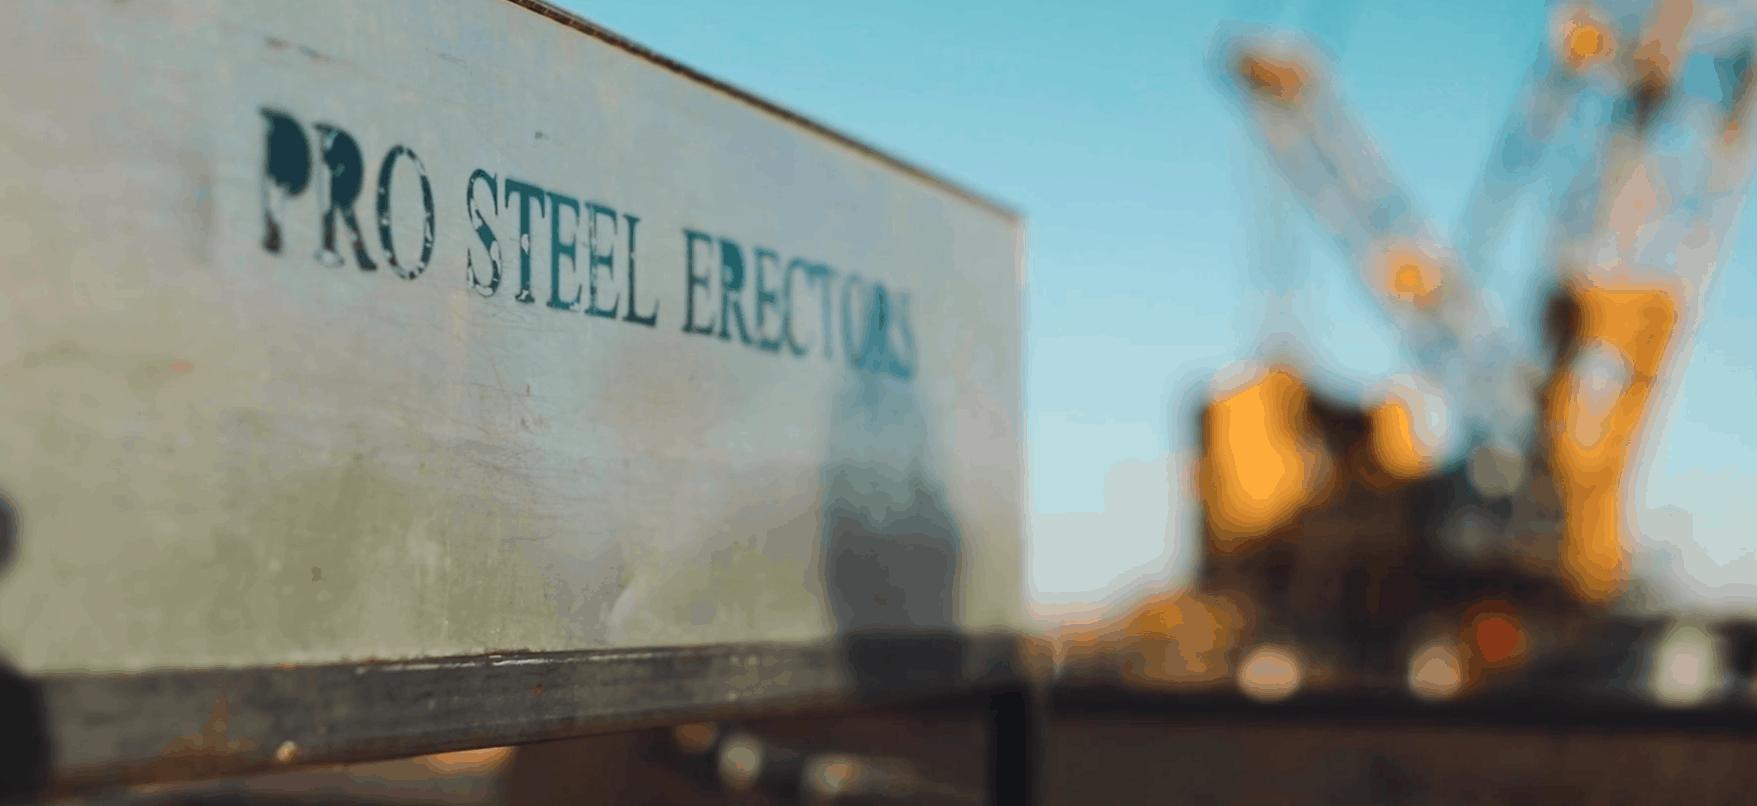 Pro Steel Erectors